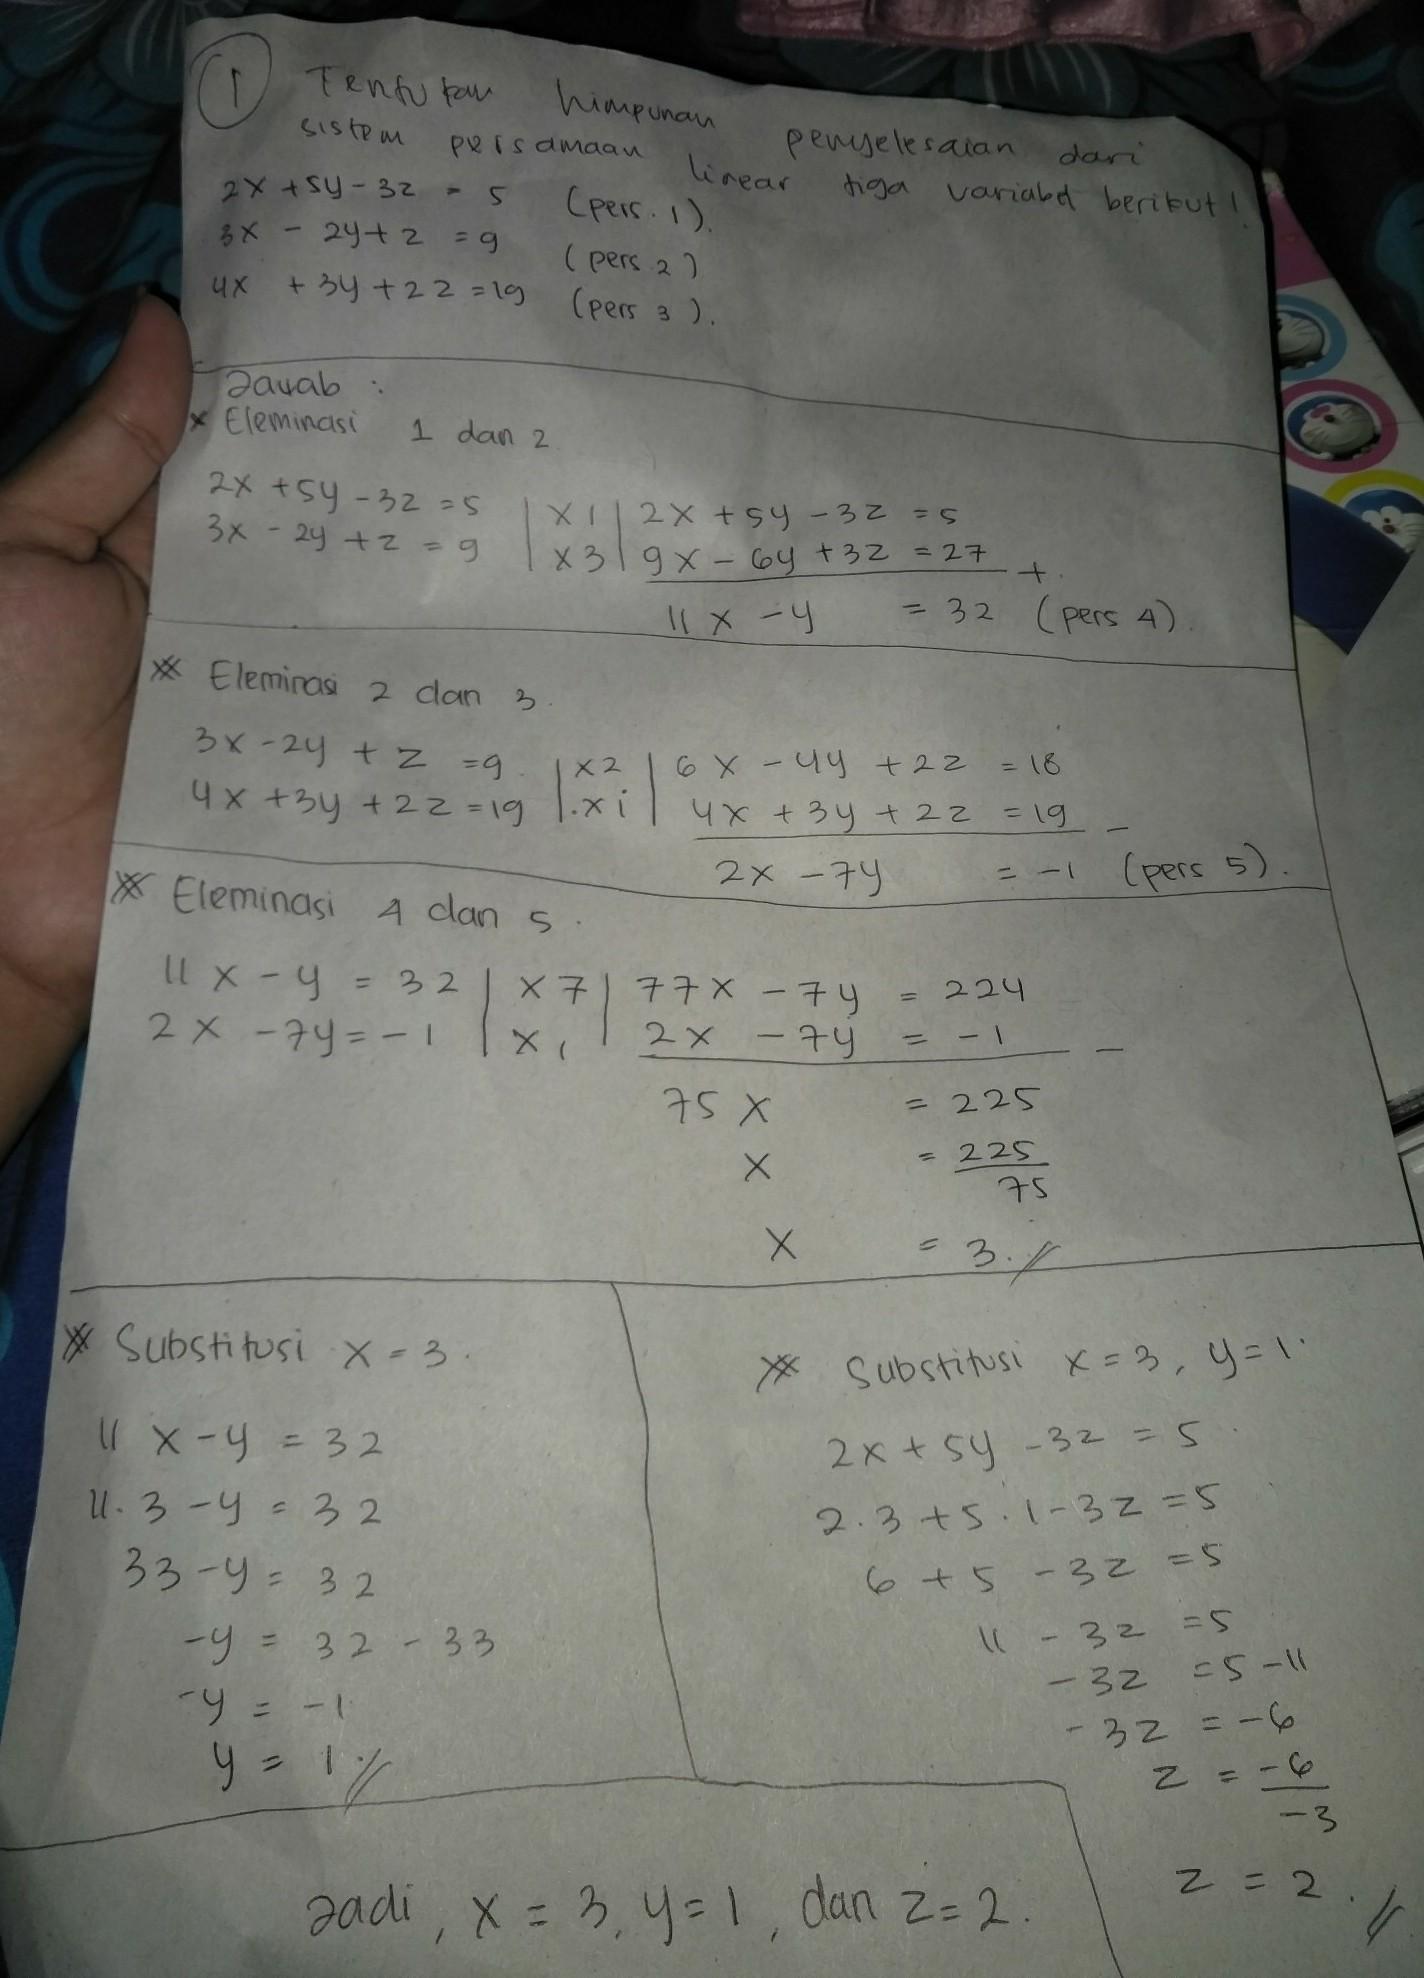 Persamaan Tiga Variabel : persamaan, variabel, Contoh, Penyelesaiannya, Sistem, Persamaan, Linear, Variabel, Brainly.co.id